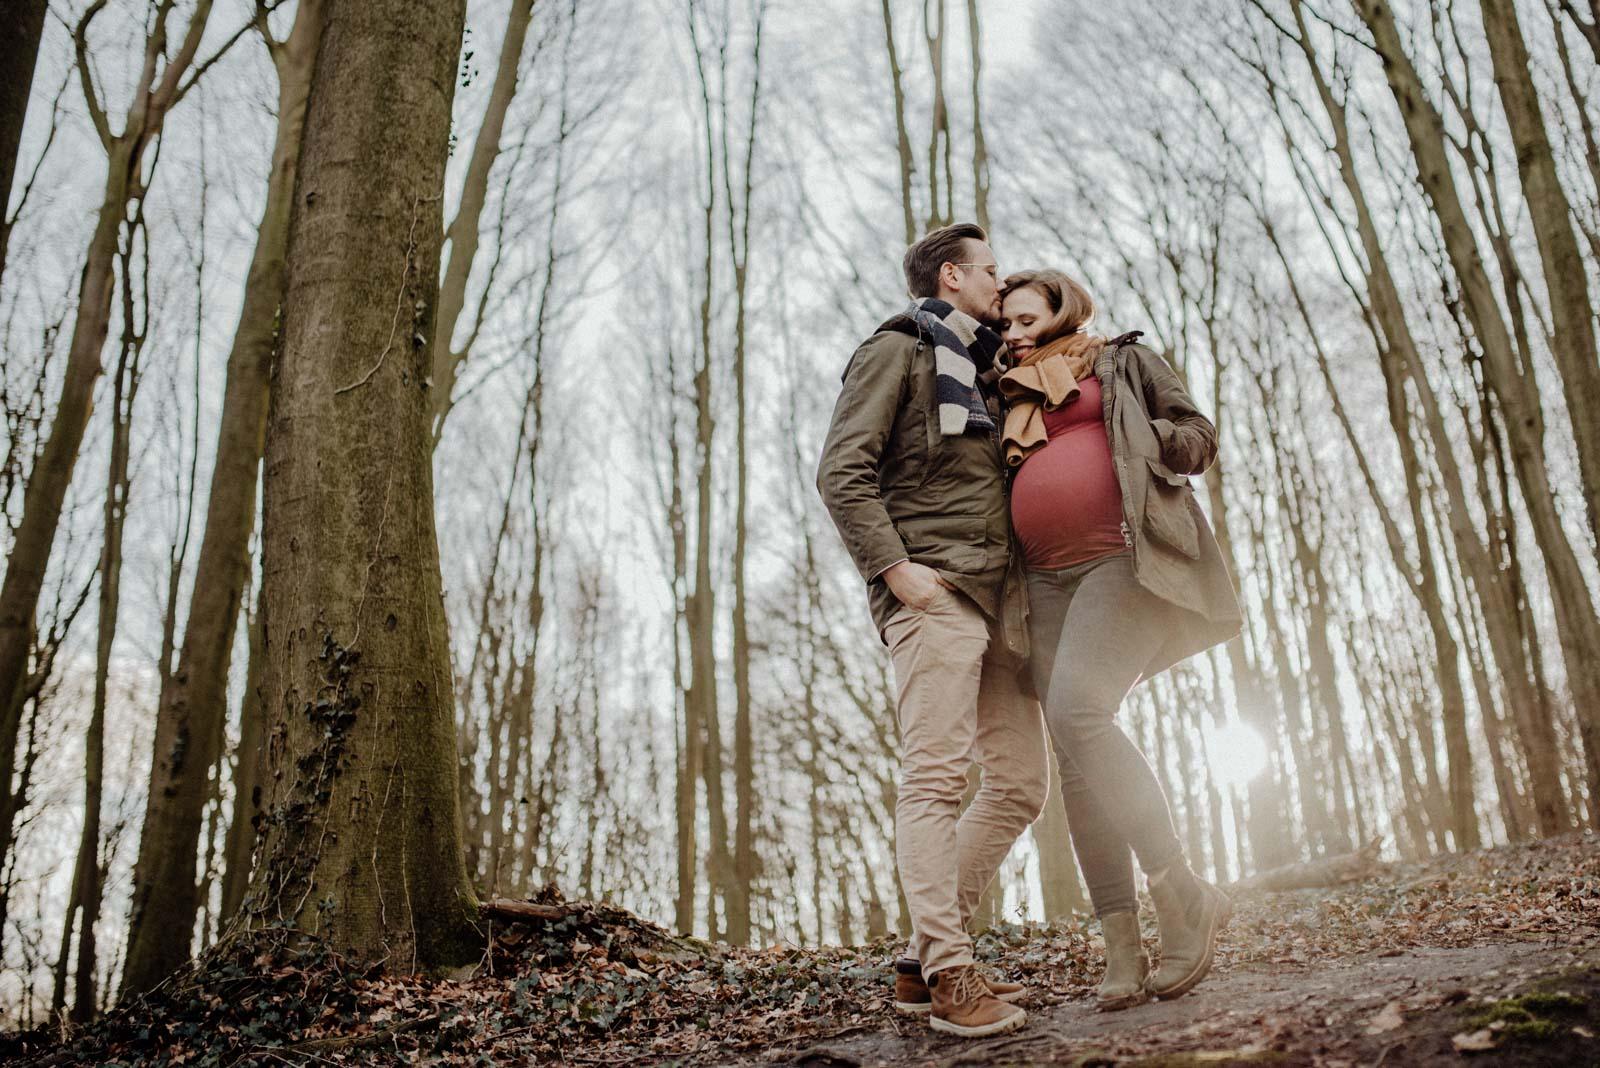 Pärchen im Wald bei Sonnenuntergang mit Babybauch